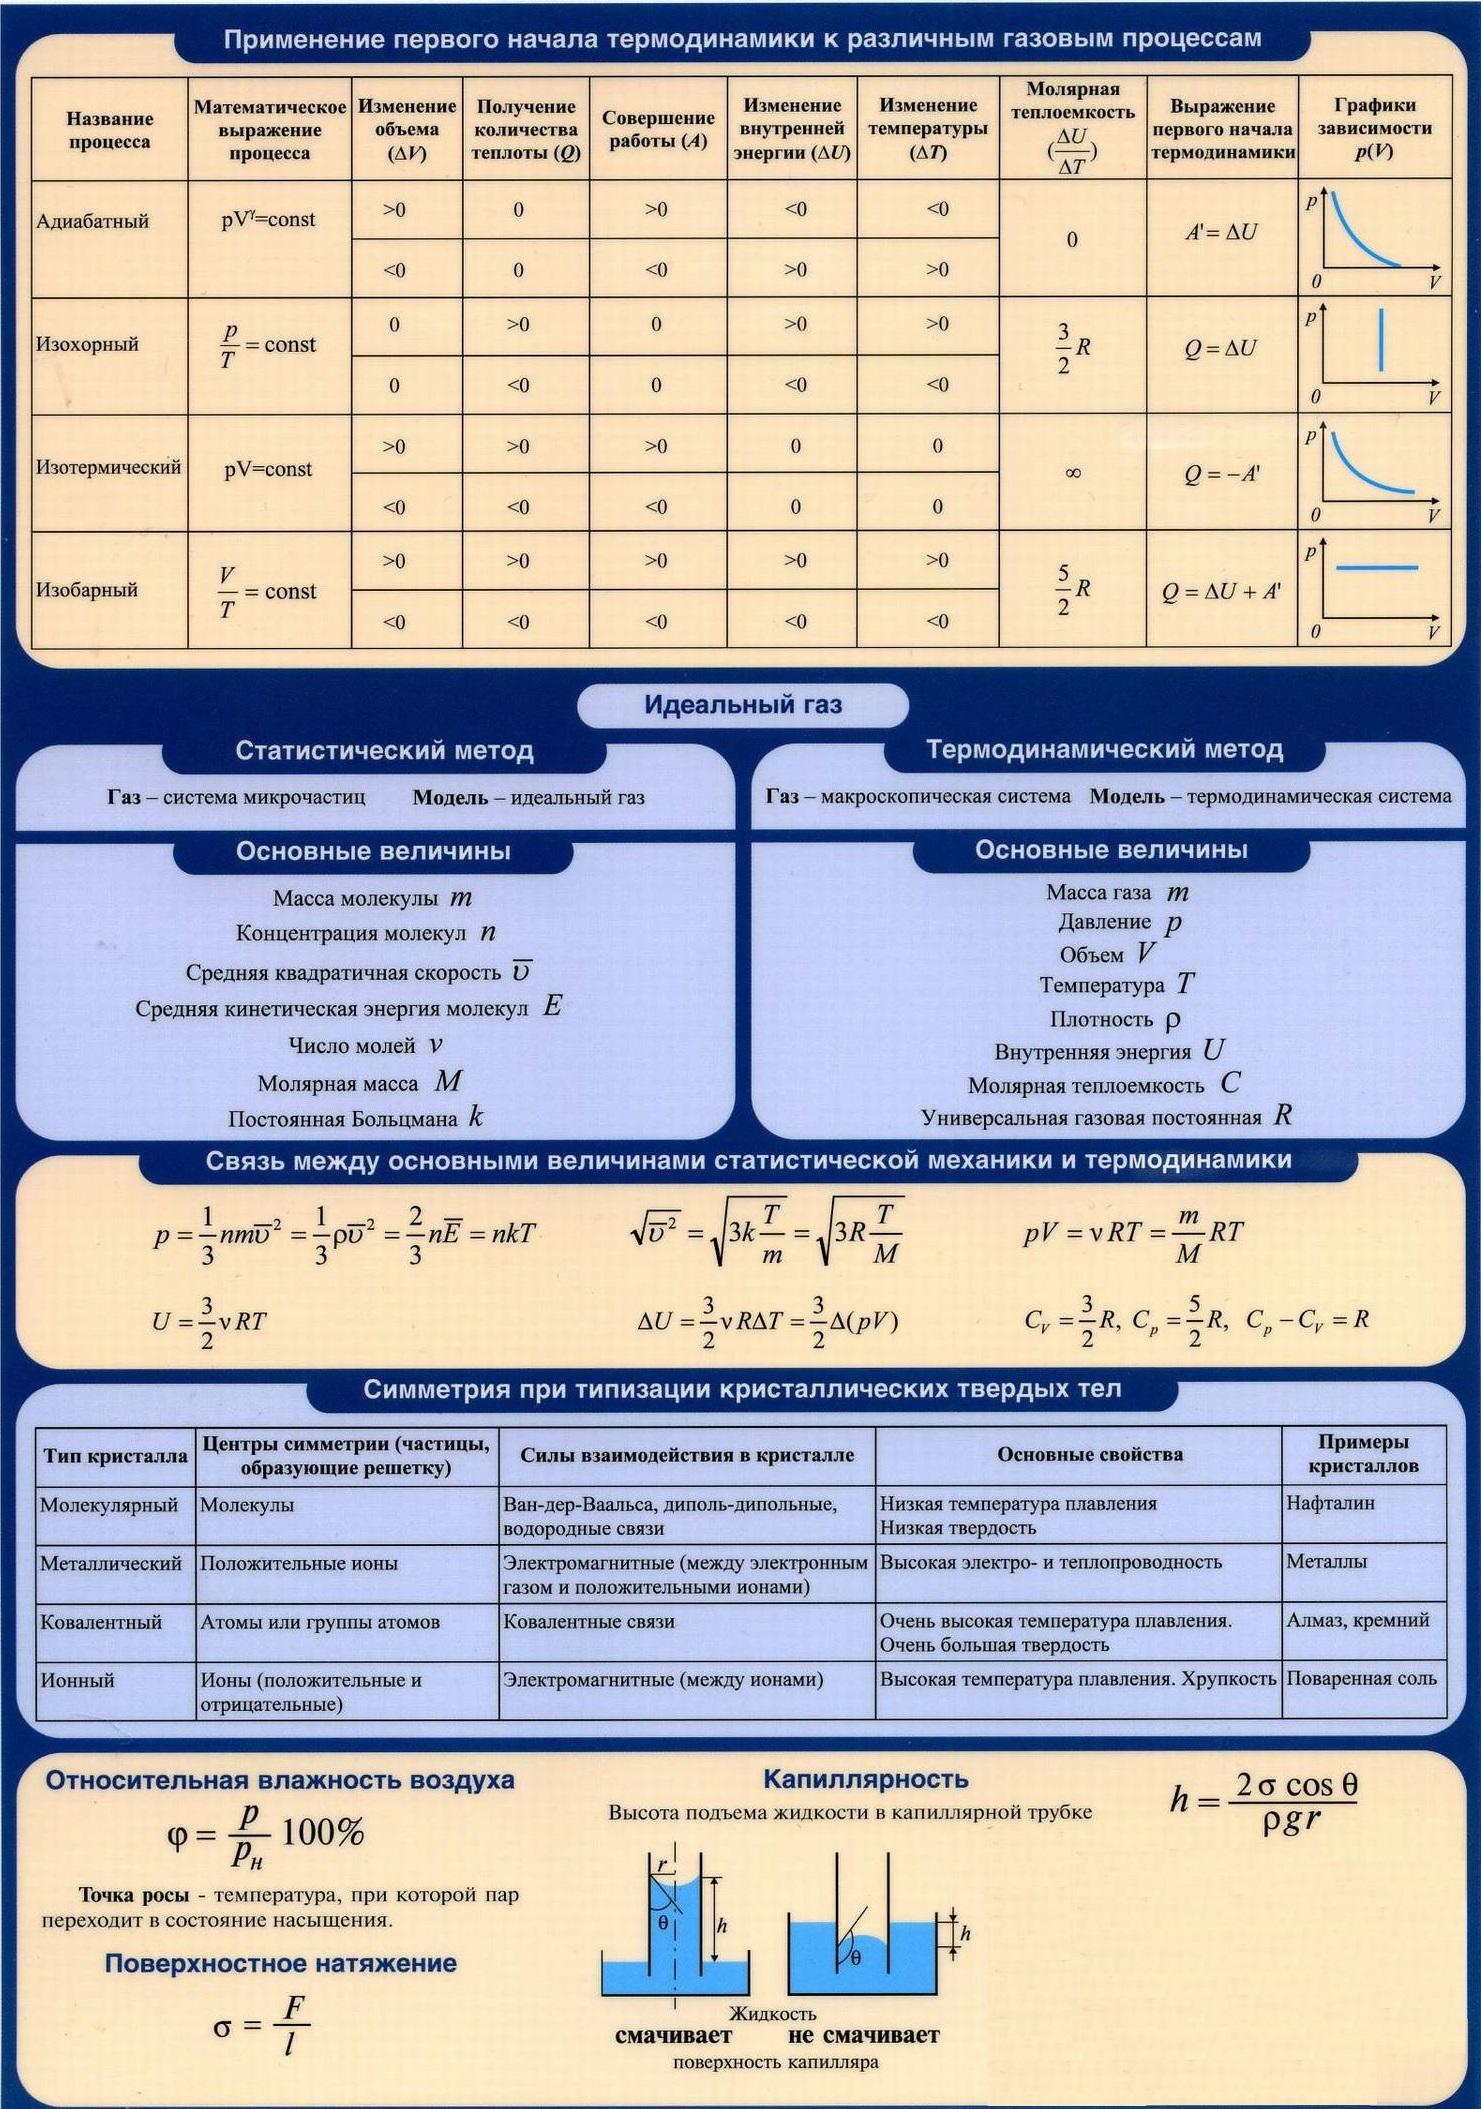 Применение первого начала термодинамики к различным газовым процессам. Идеальный газ. Связь между основными величинами статистической механики и термодинамики. Симметрия при кристаллизации. Относительная влажность. Поверхностное натяжение. Капиллярность.